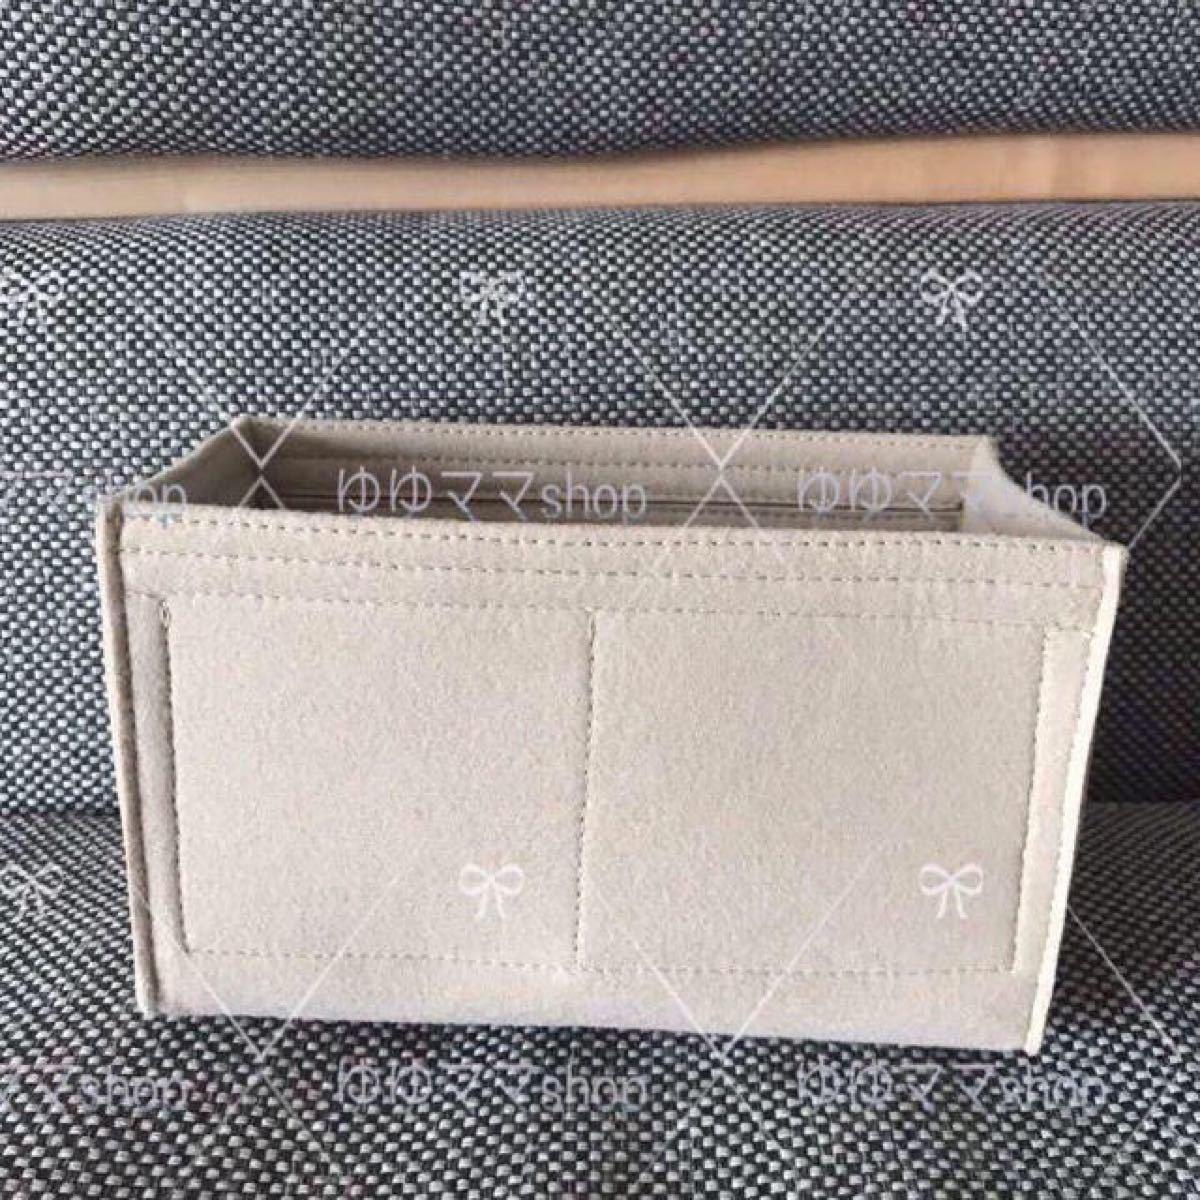 新品バッグインバッグ インナーバッグ ベージュ色 25cm用